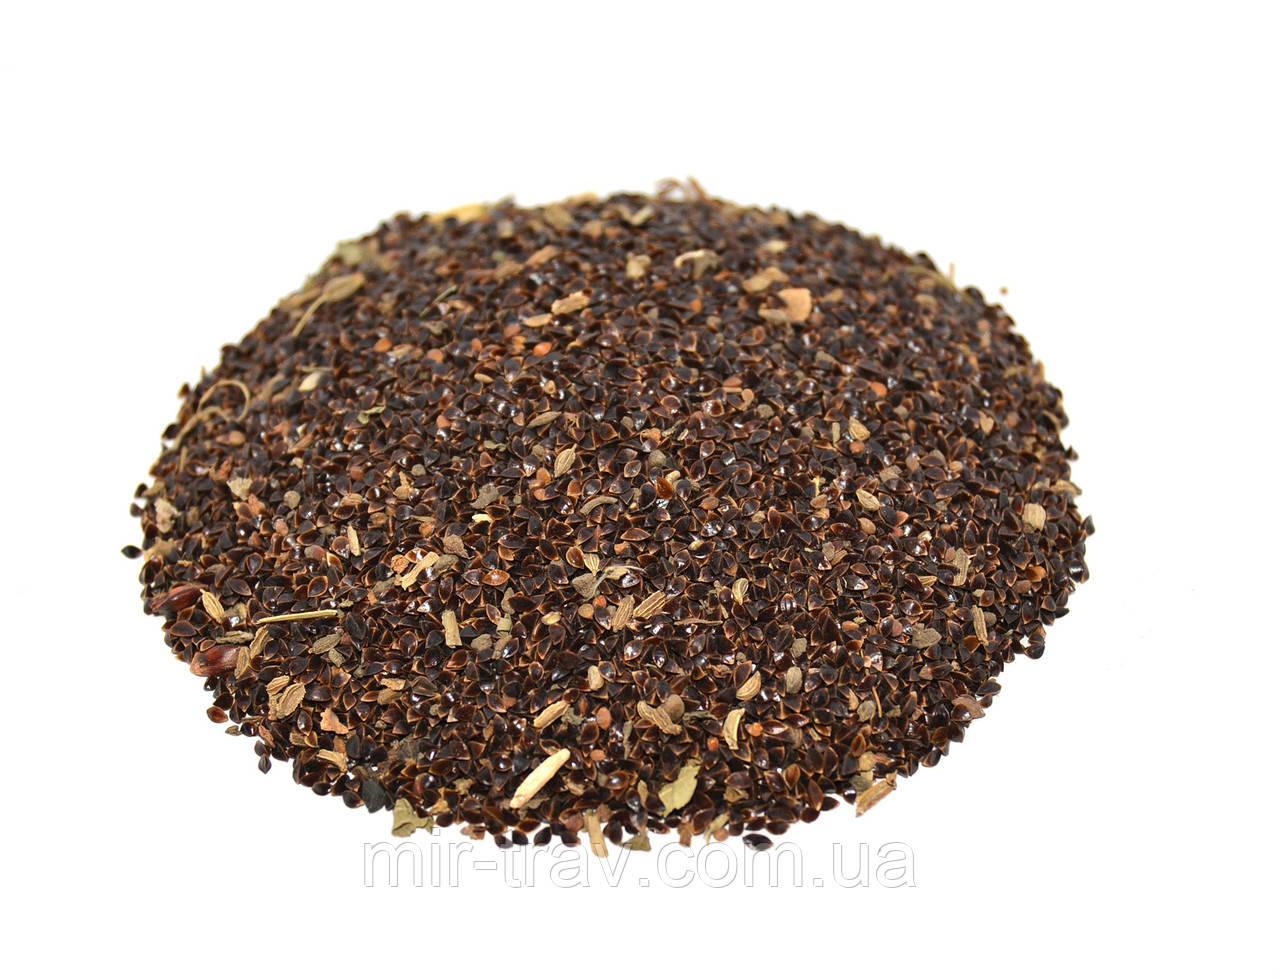 Щавель кислый семена 100 г